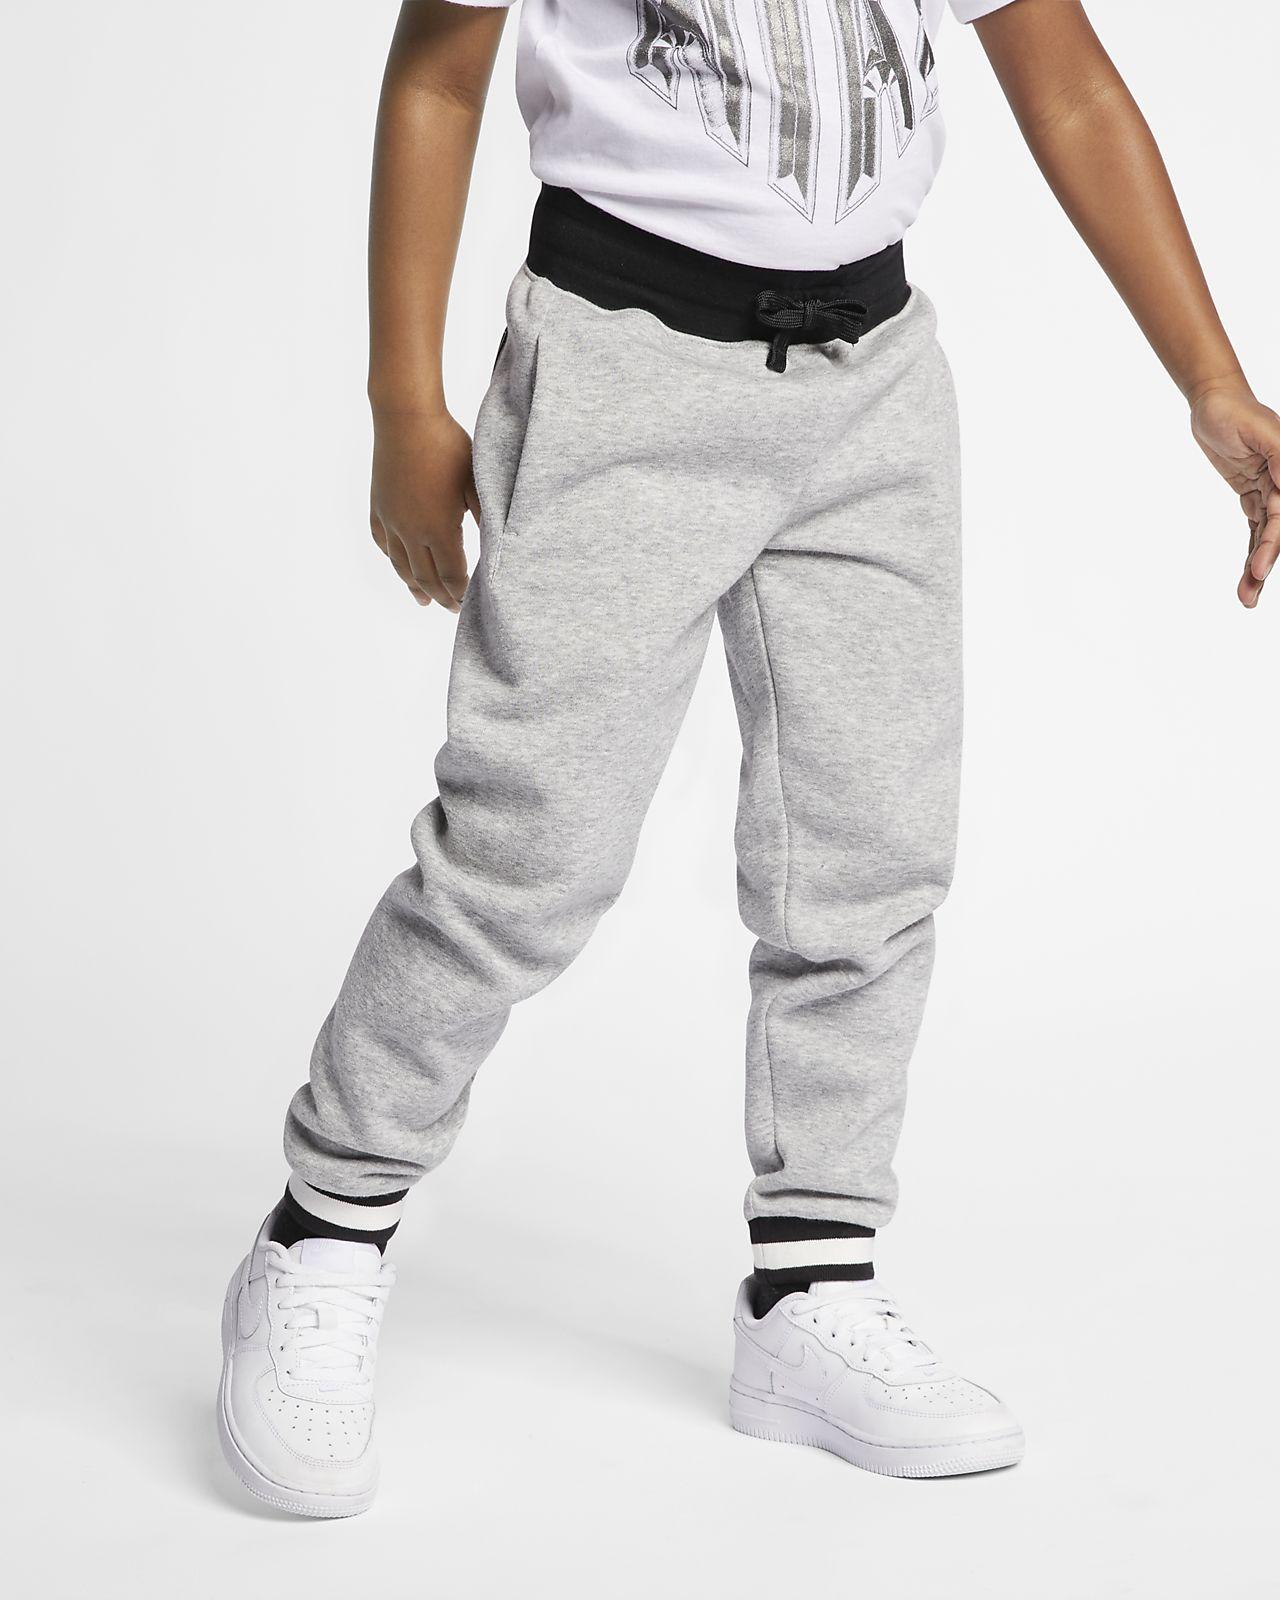 Nike Air Pantalón de tejido Fleece - Niño/a pequeño/a